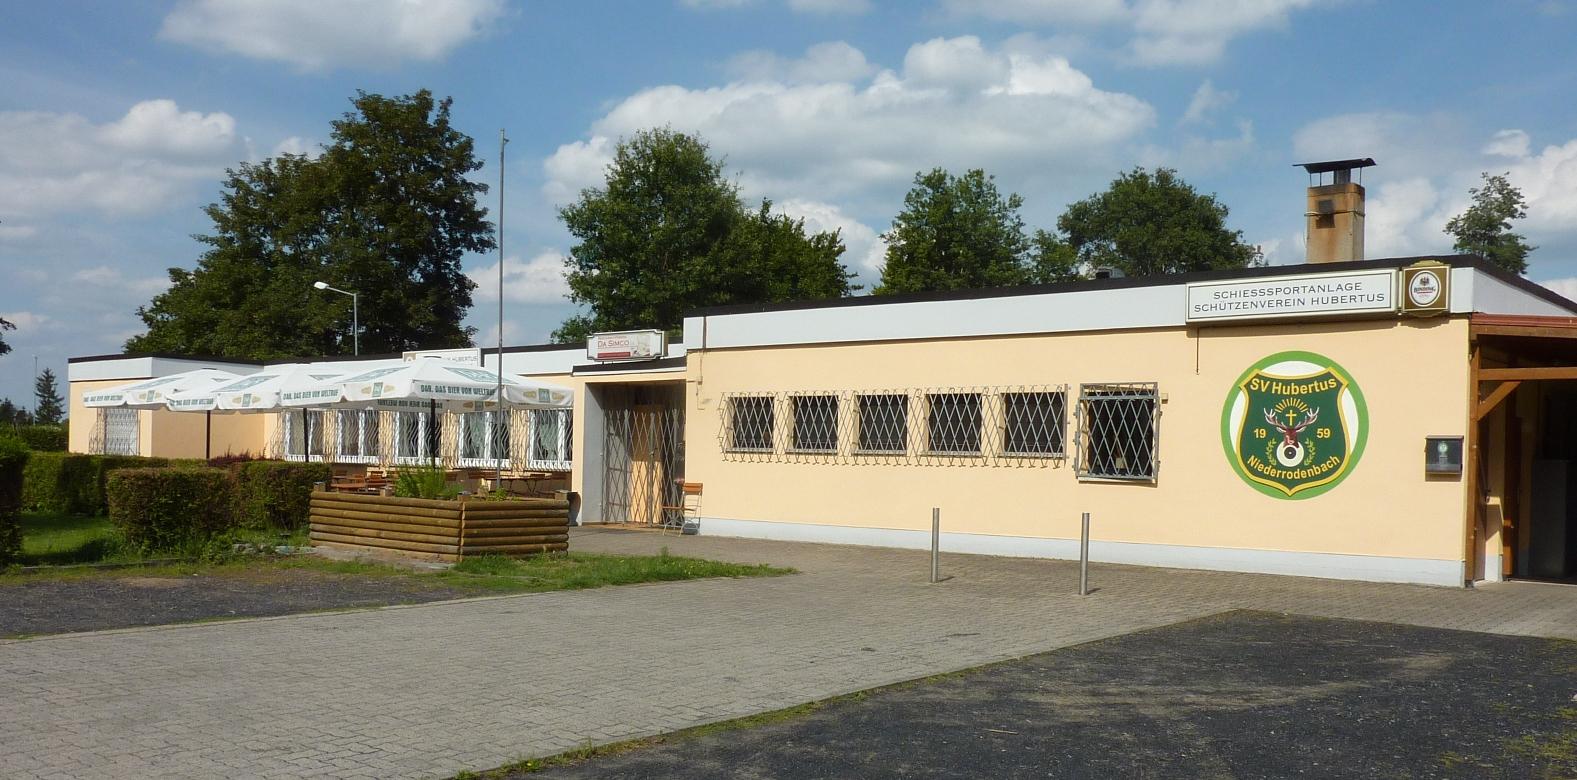 Vereinsheim des Schützenvereins Huberts Niederrodenbach